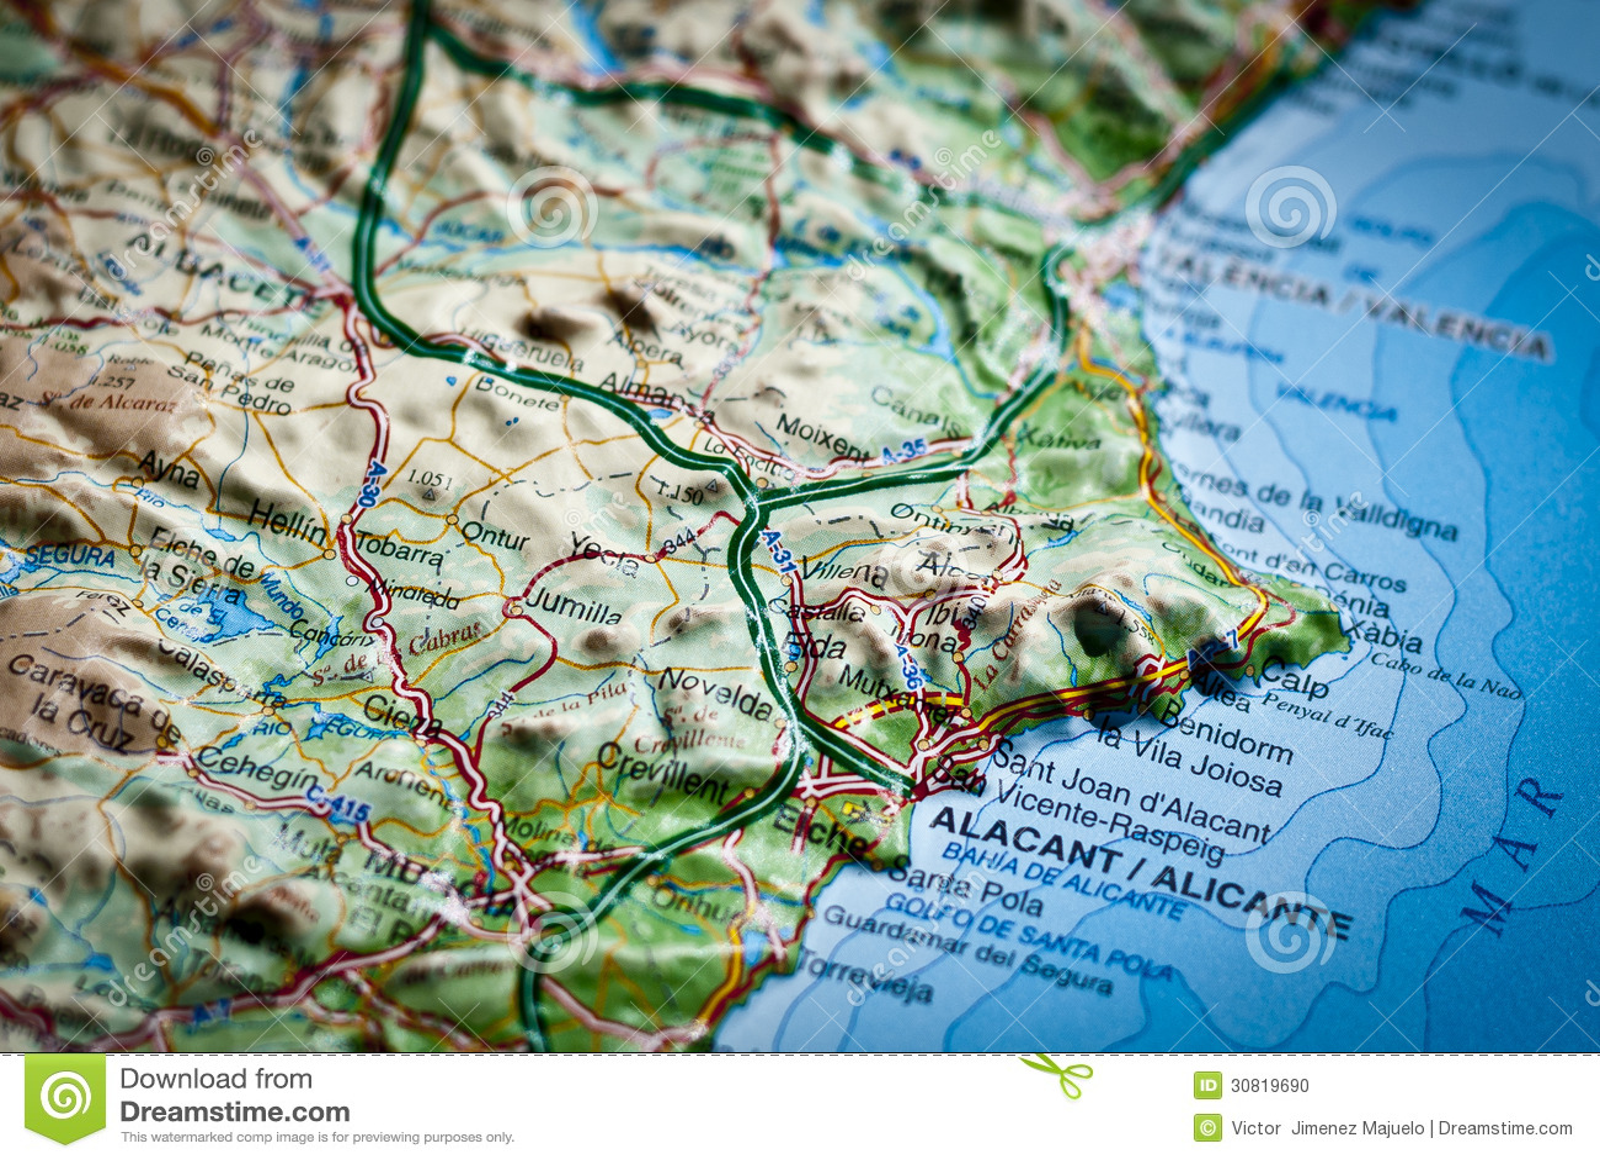 Cartina Geografica Spagna Costa Brava.Mappa Spagnola Di Costa Blanca Alicante Spagna Fotografia Stock Immagine Di Nessuno Geografico 30819690